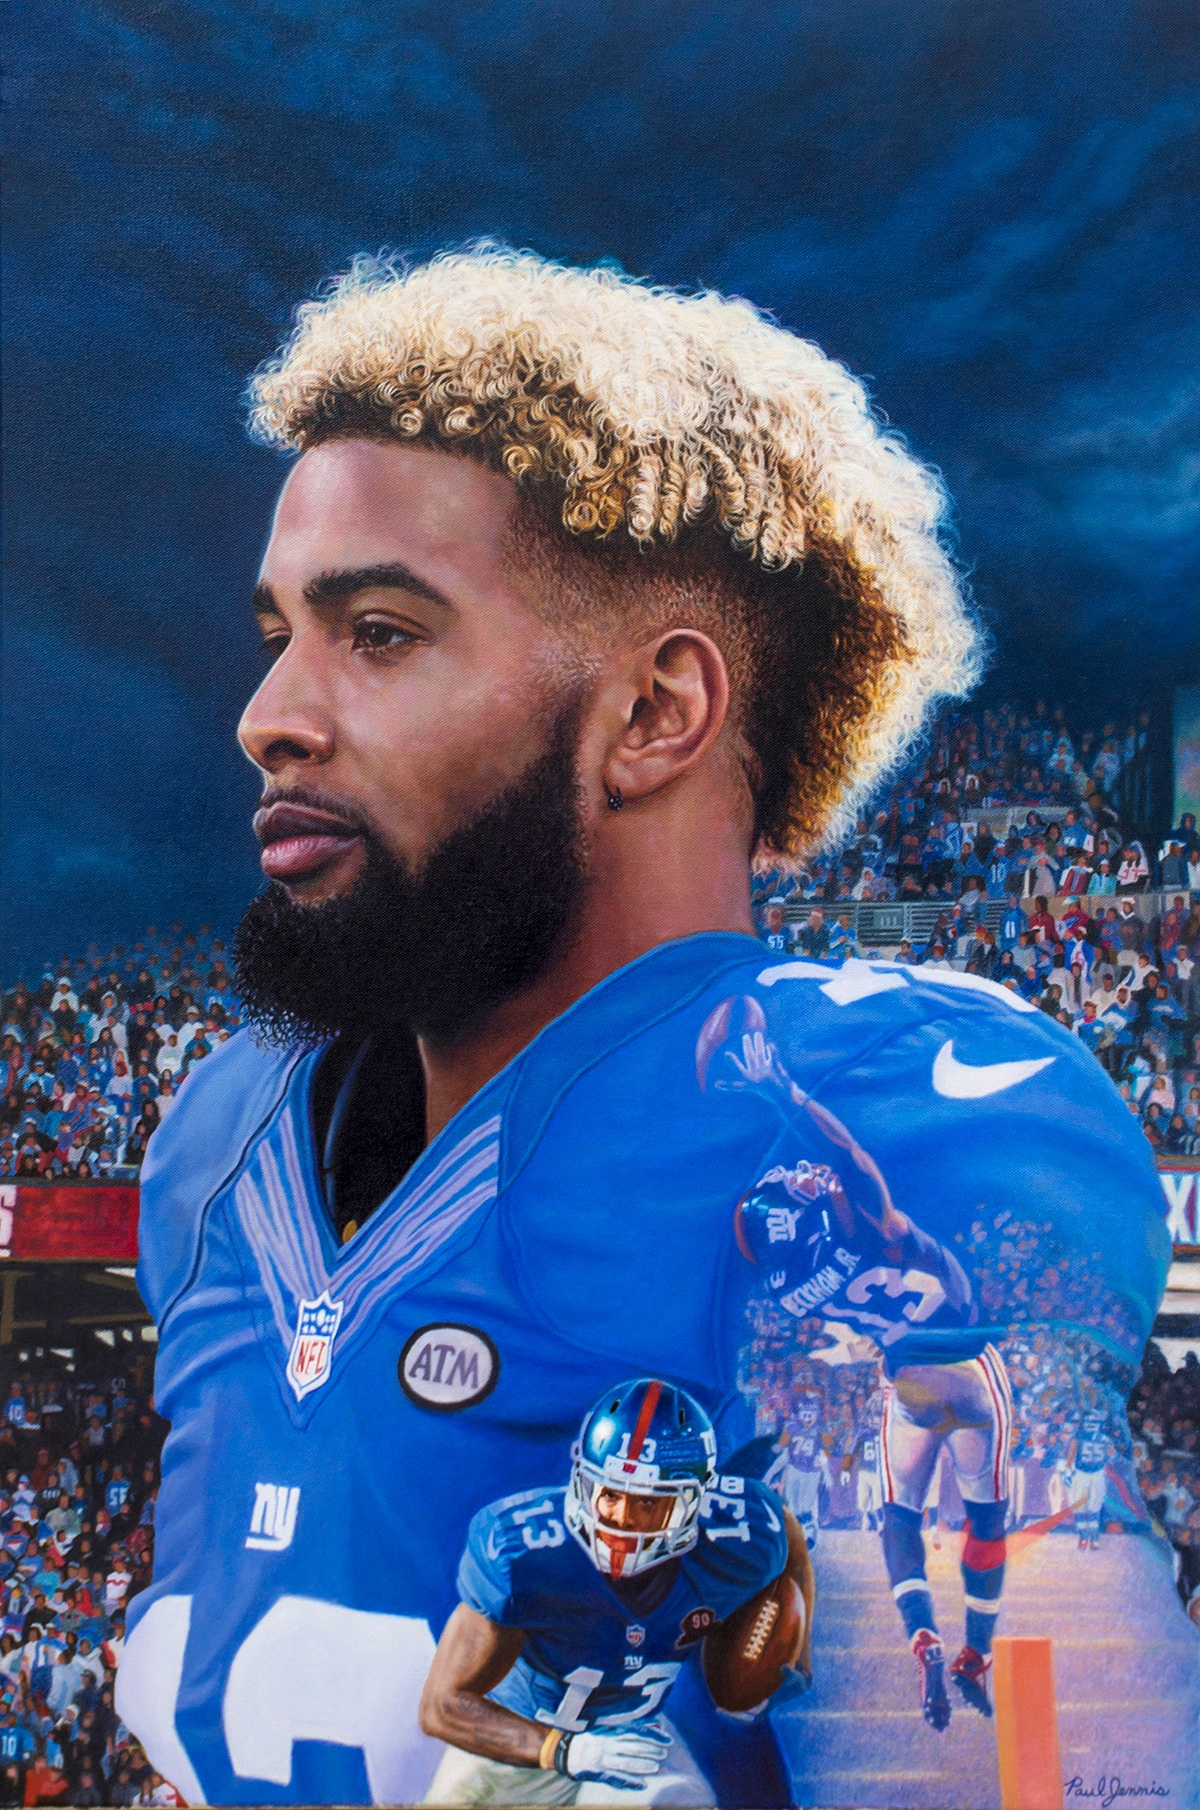 Odell Beckham Jr. New York Giants WR